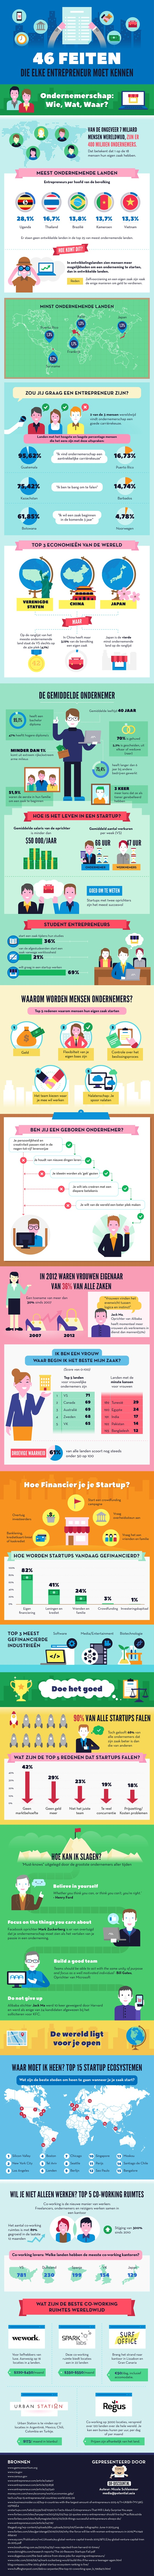 46 entrepreneur-1208